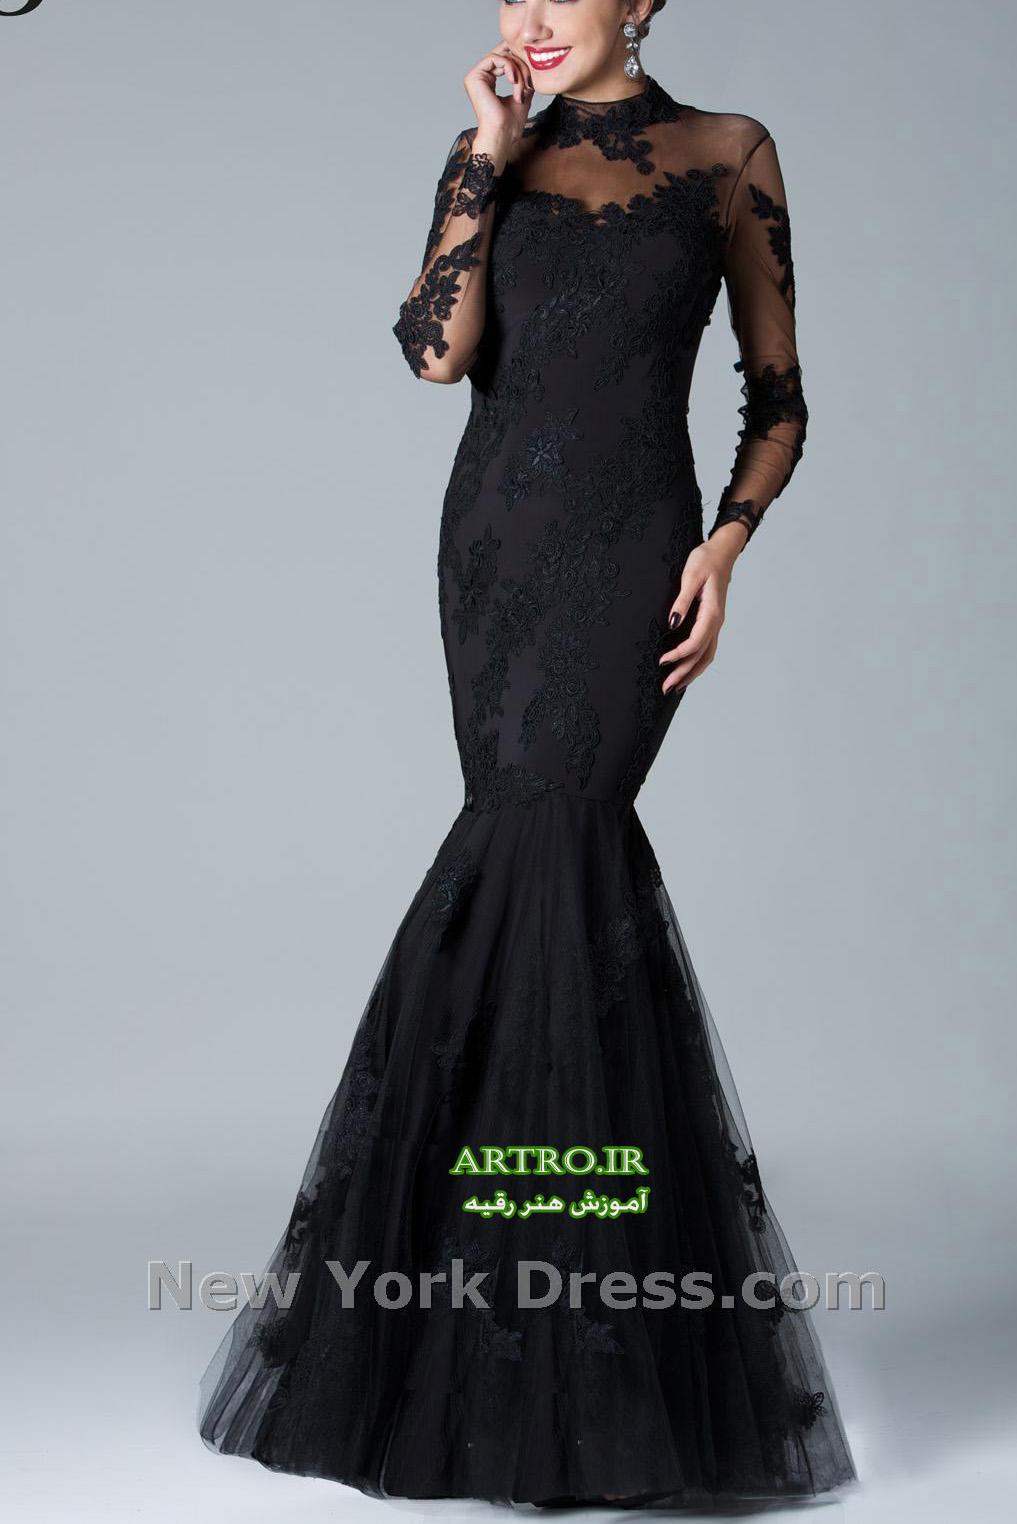 مدل های لباس مجلسی بلند دخترانه,